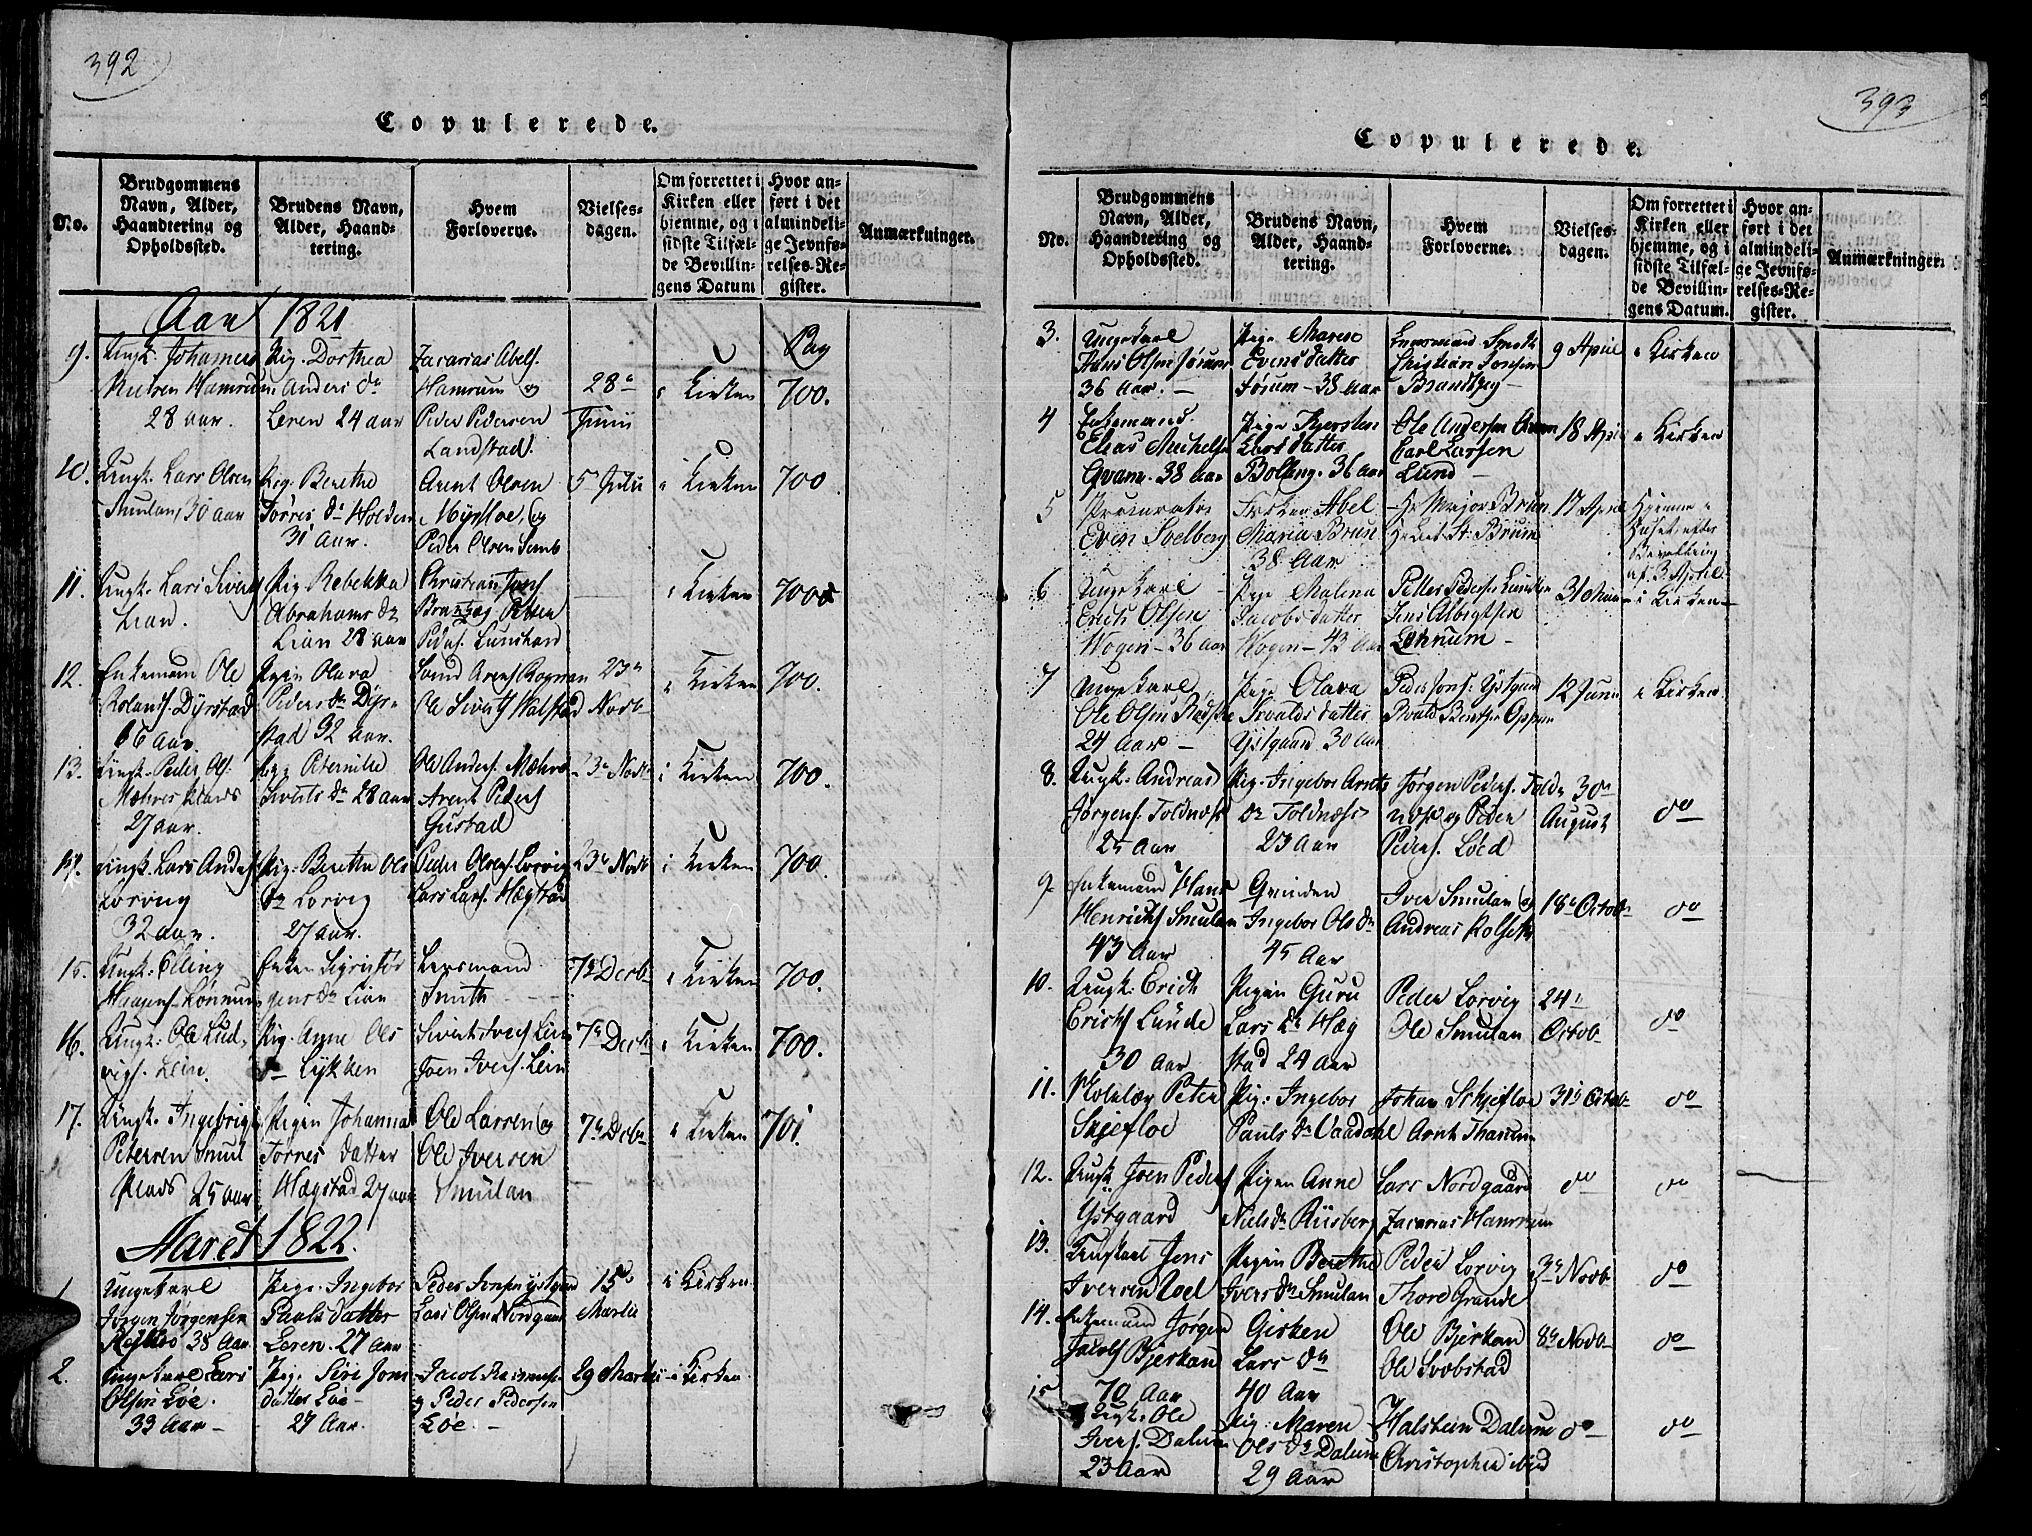 SAT, Ministerialprotokoller, klokkerbøker og fødselsregistre - Nord-Trøndelag, 735/L0333: Ministerialbok nr. 735A04 /1, 1816-1824, s. 392-393